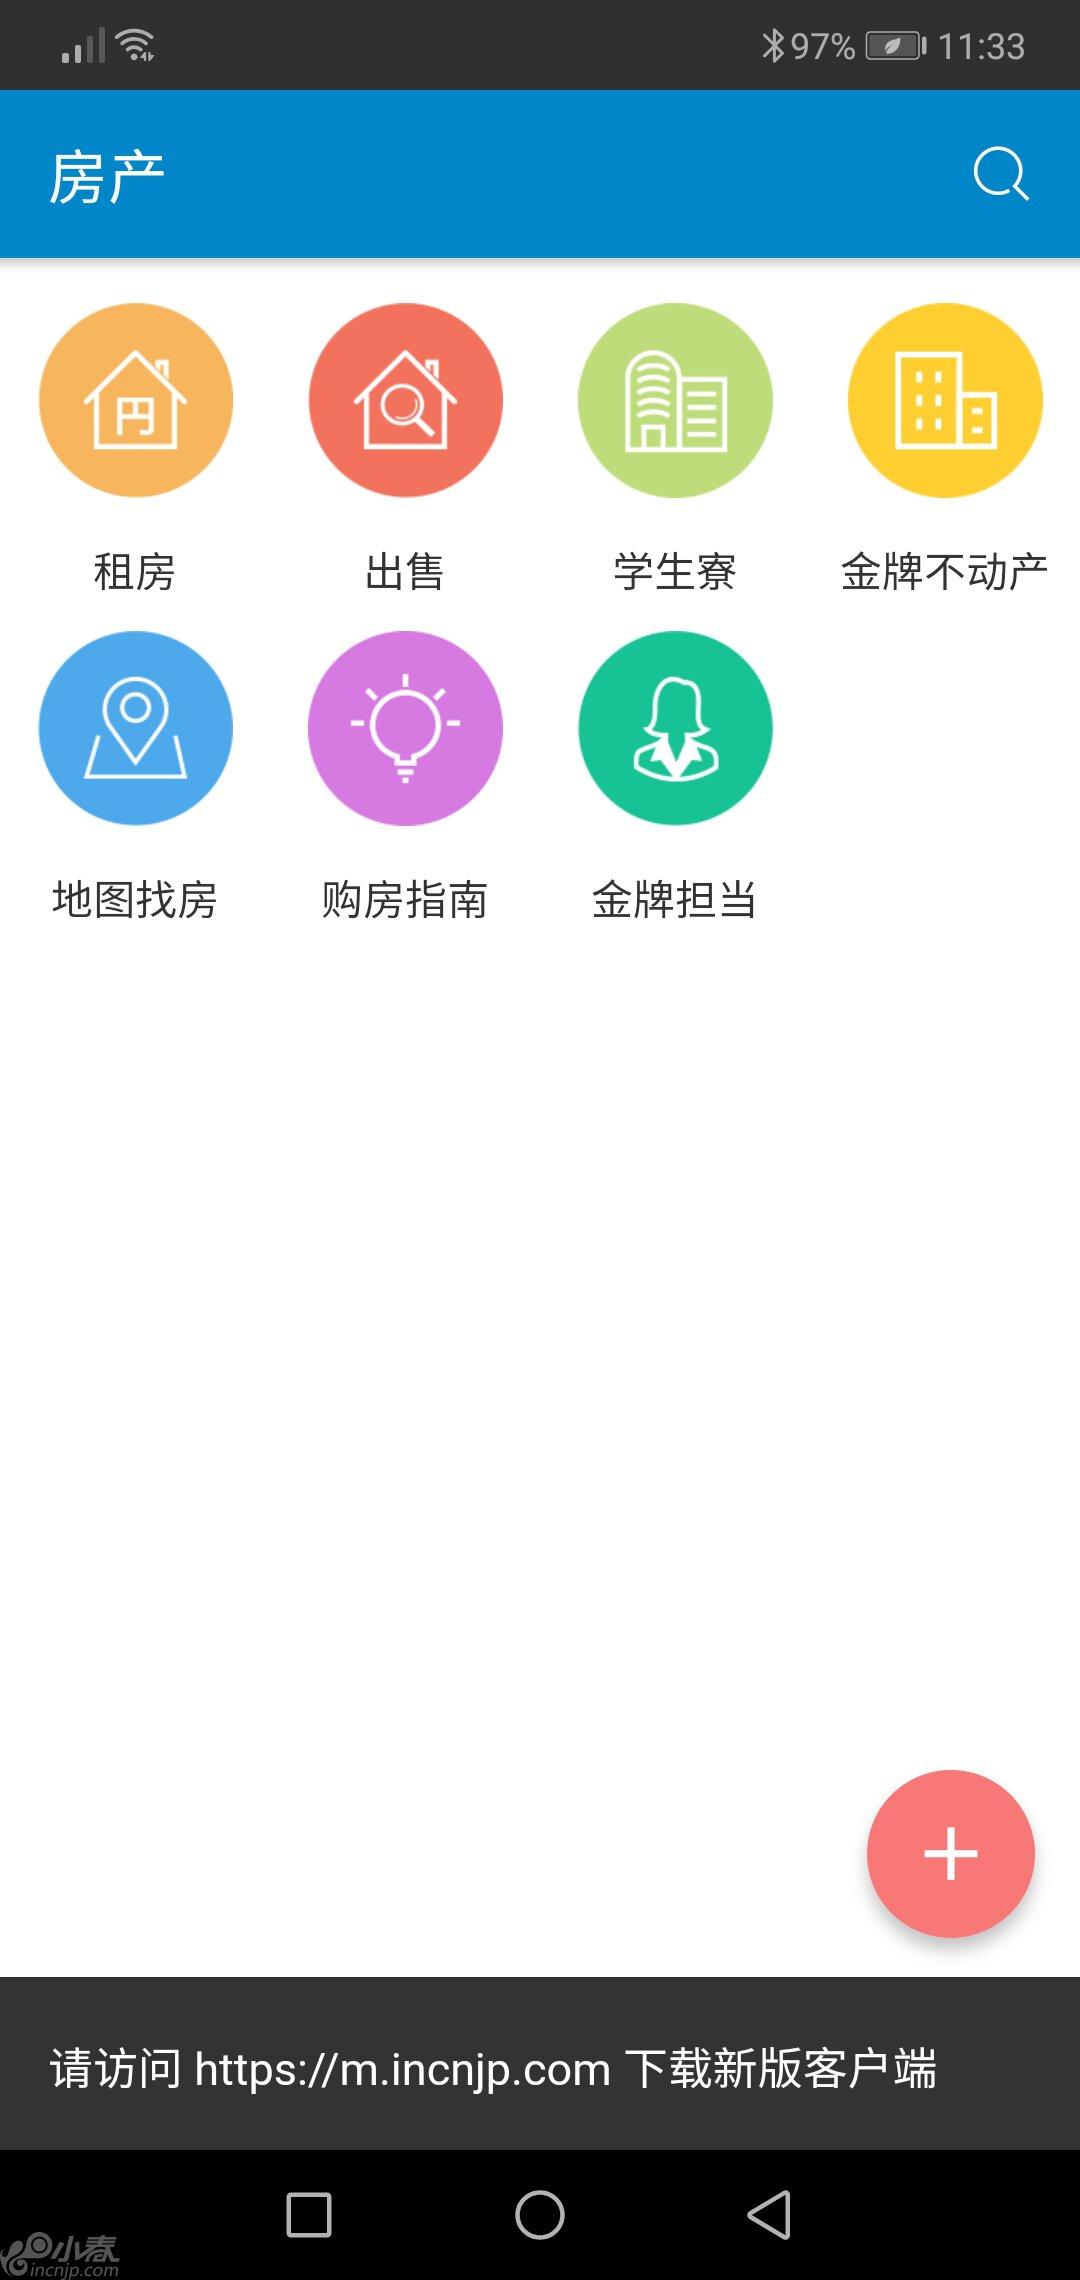 Screenshot_20200701_113322_com.incnjp.m.jpg